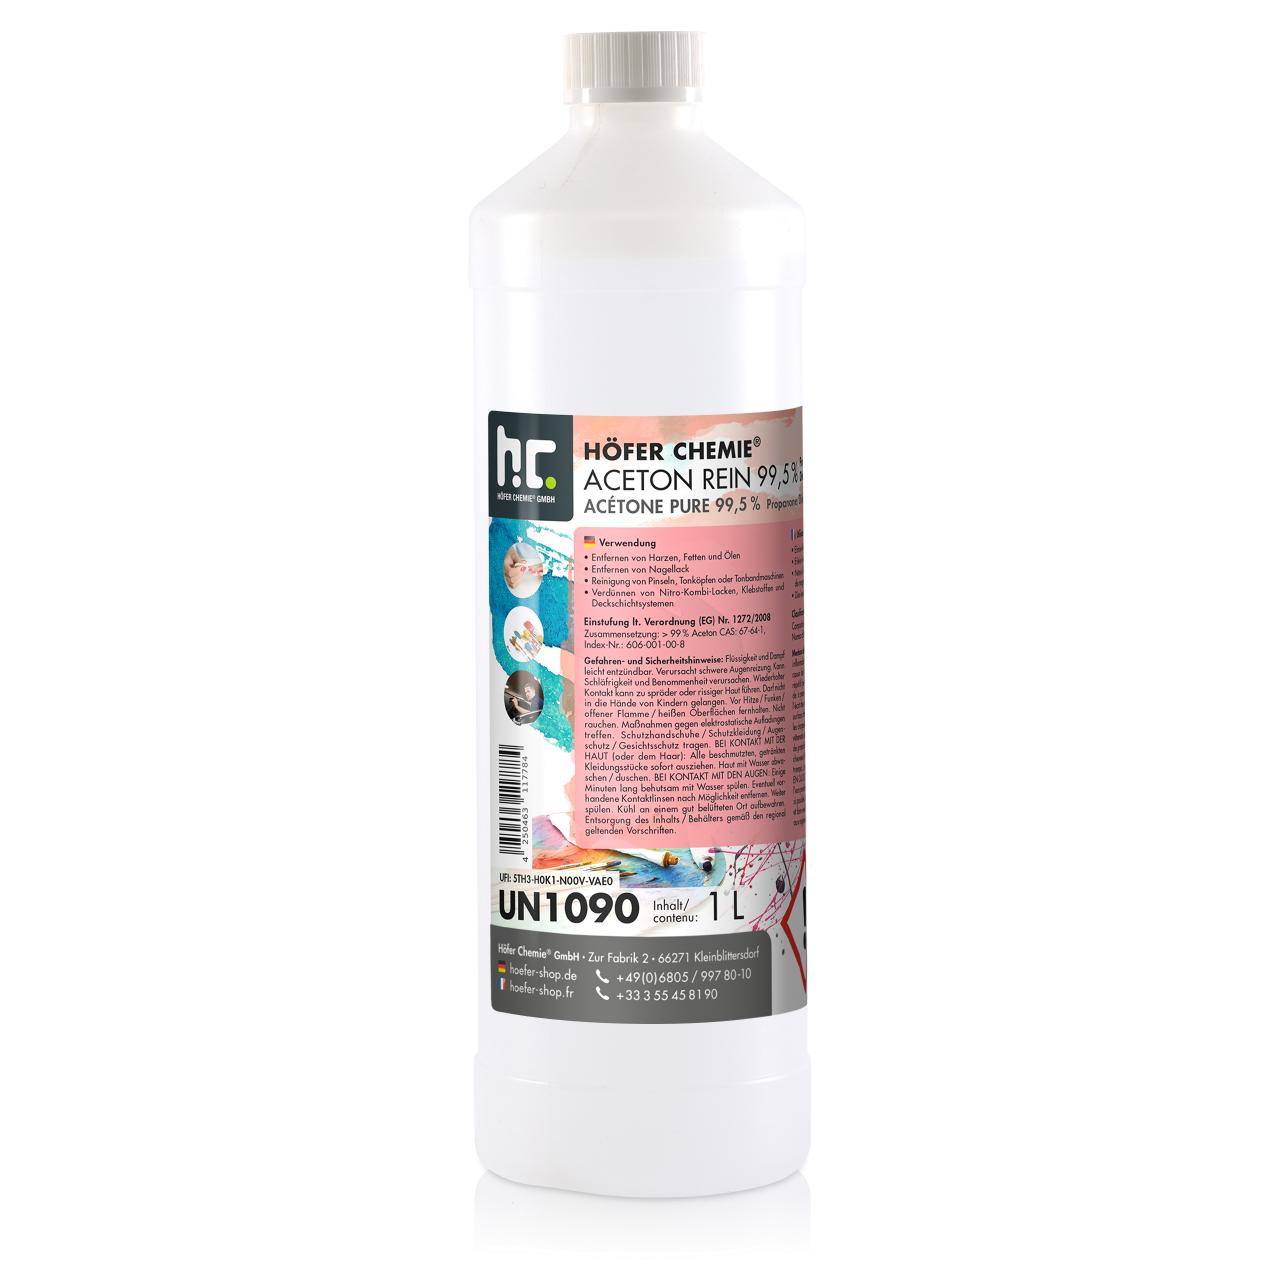 Höfer Chemie 6 l Acétone pur 99,5% (6 x 1 l)